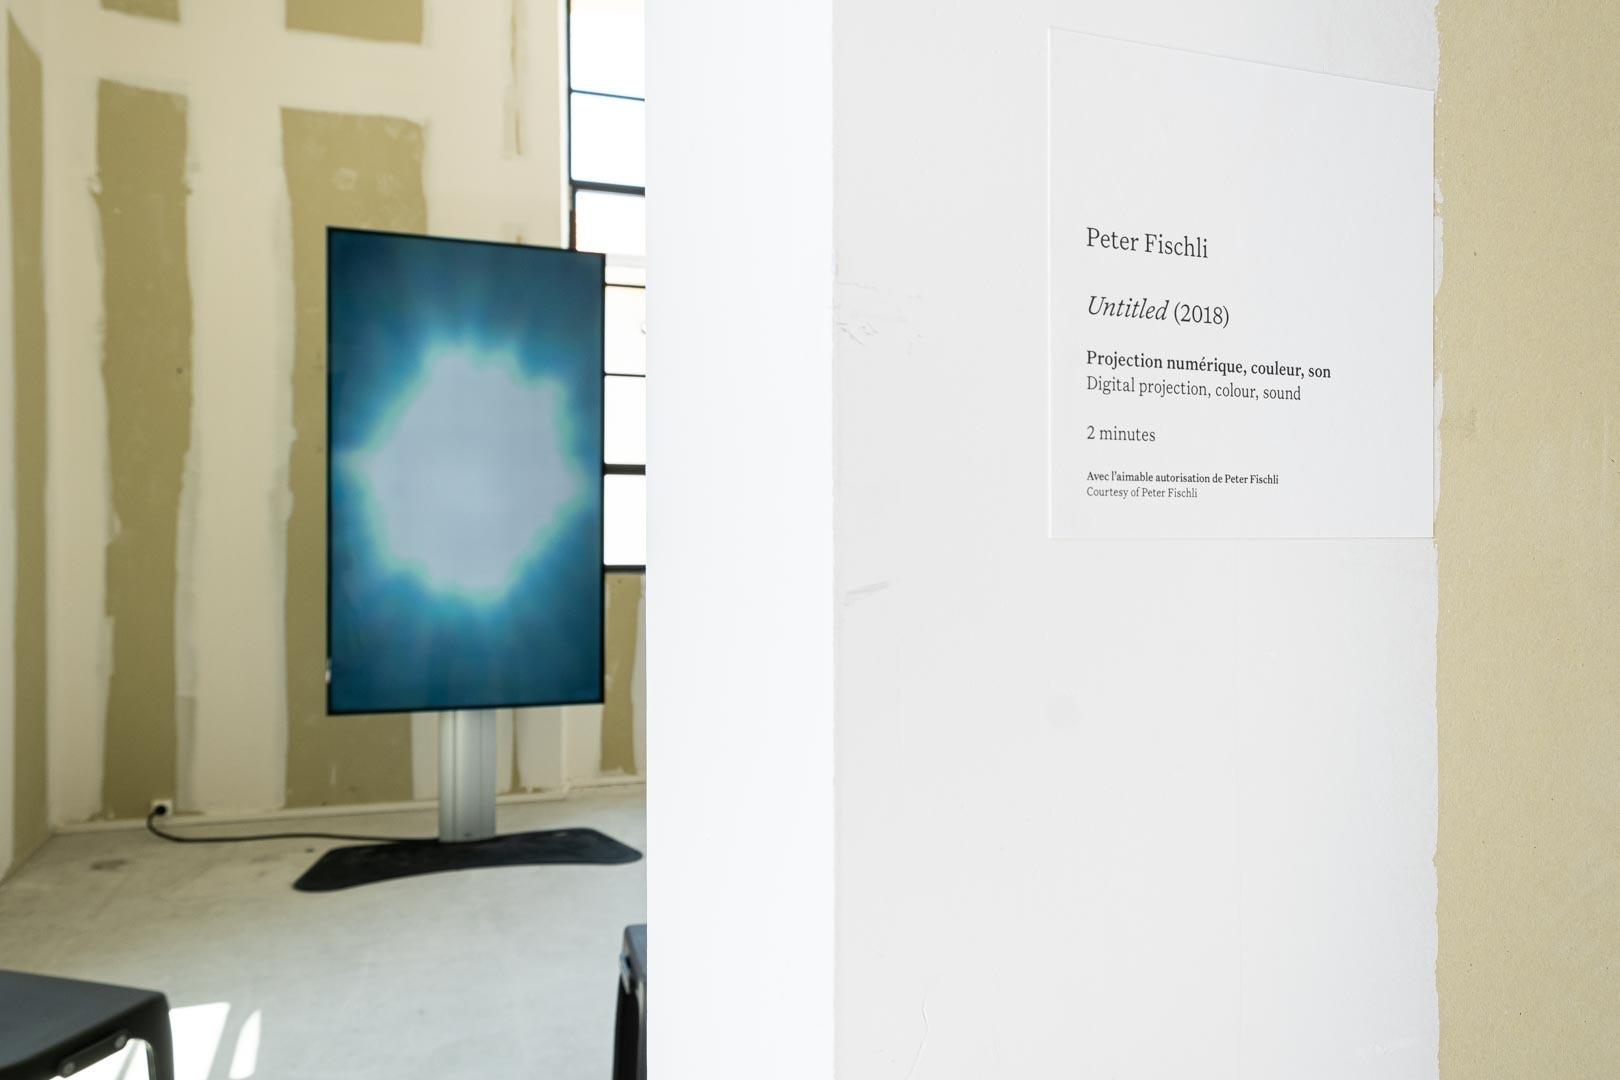 Le Cours des choses est l'une des œuvres les plus emblématiques créées par le duo. Pour la première fois en France, Luma présente une vidéo plus récente de Peter Fischli, antithèse de la précédente.